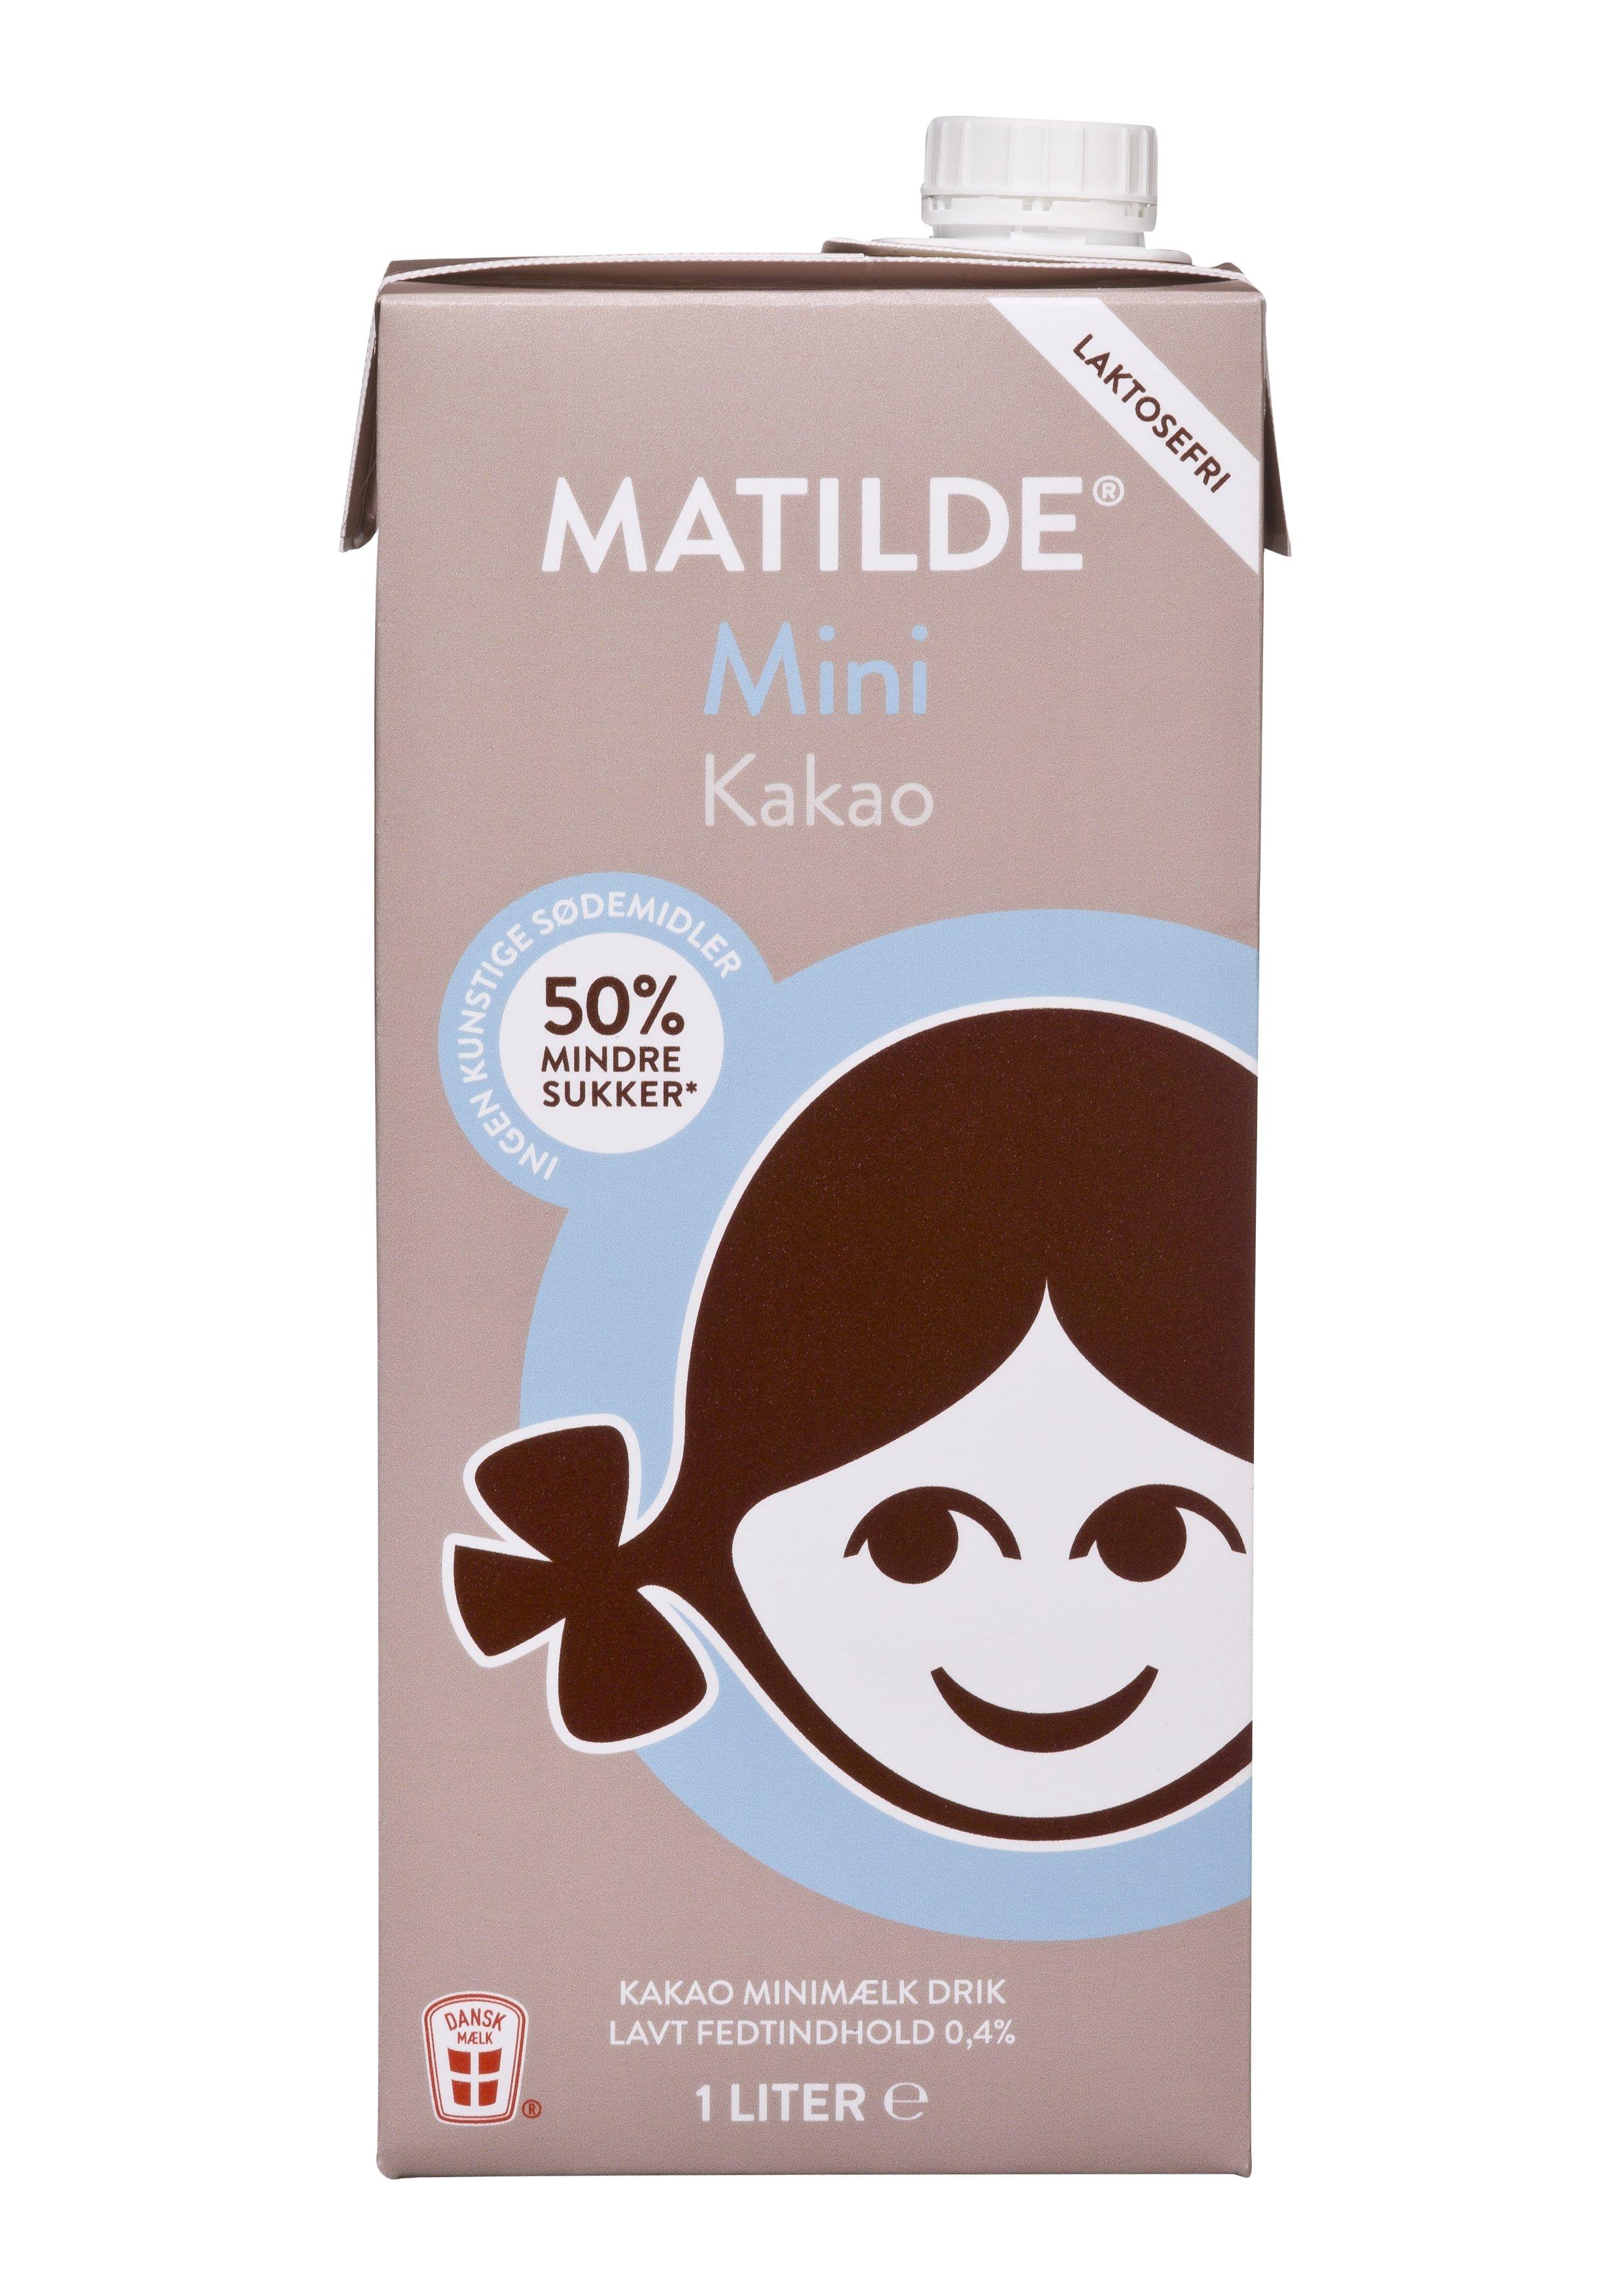 Mini Kakaomælk LF 0,4%